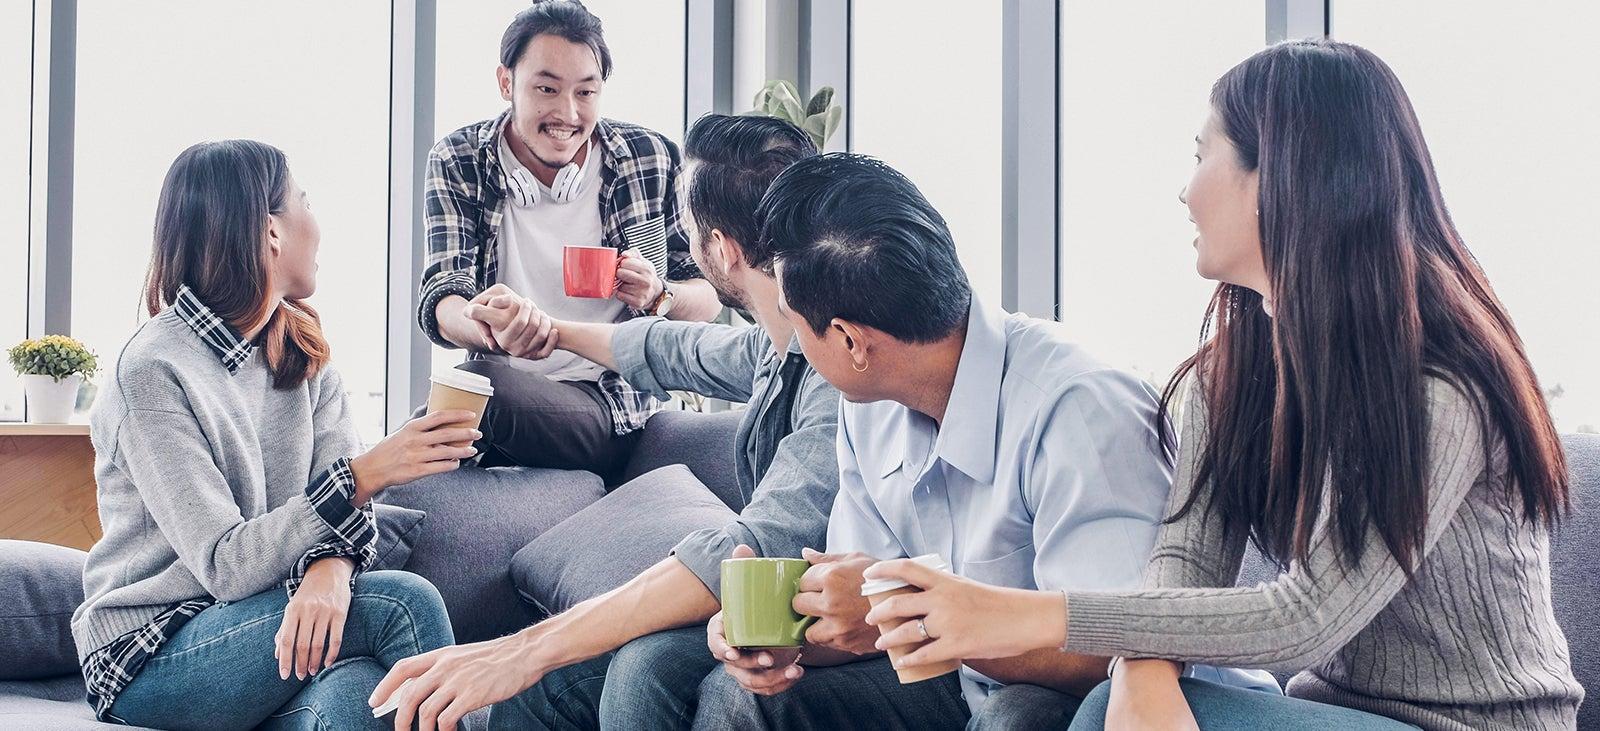 Để kết nối với bạn bè và người xung quanh